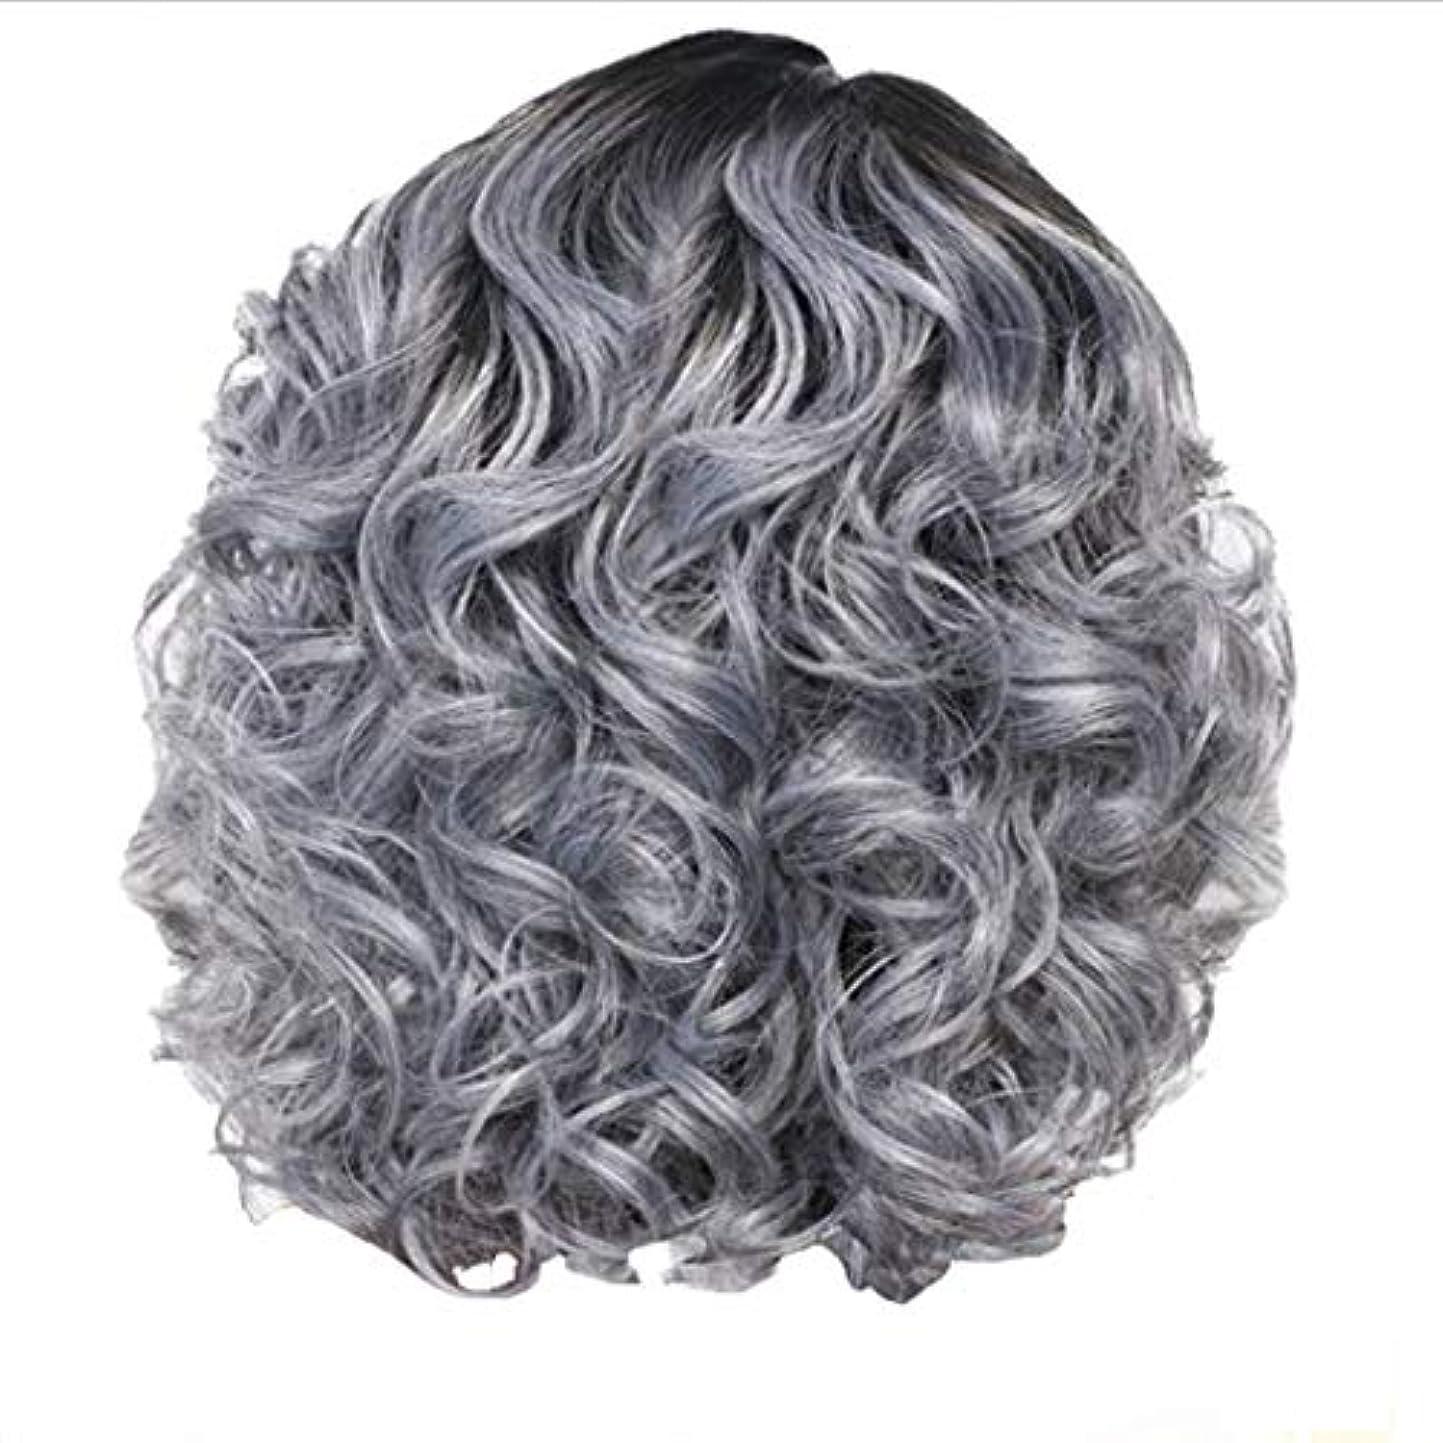 メンタリティ病賞賛するかつら女性の短い巻き毛シルバーグレーレトロ巻き毛ネット30 cm